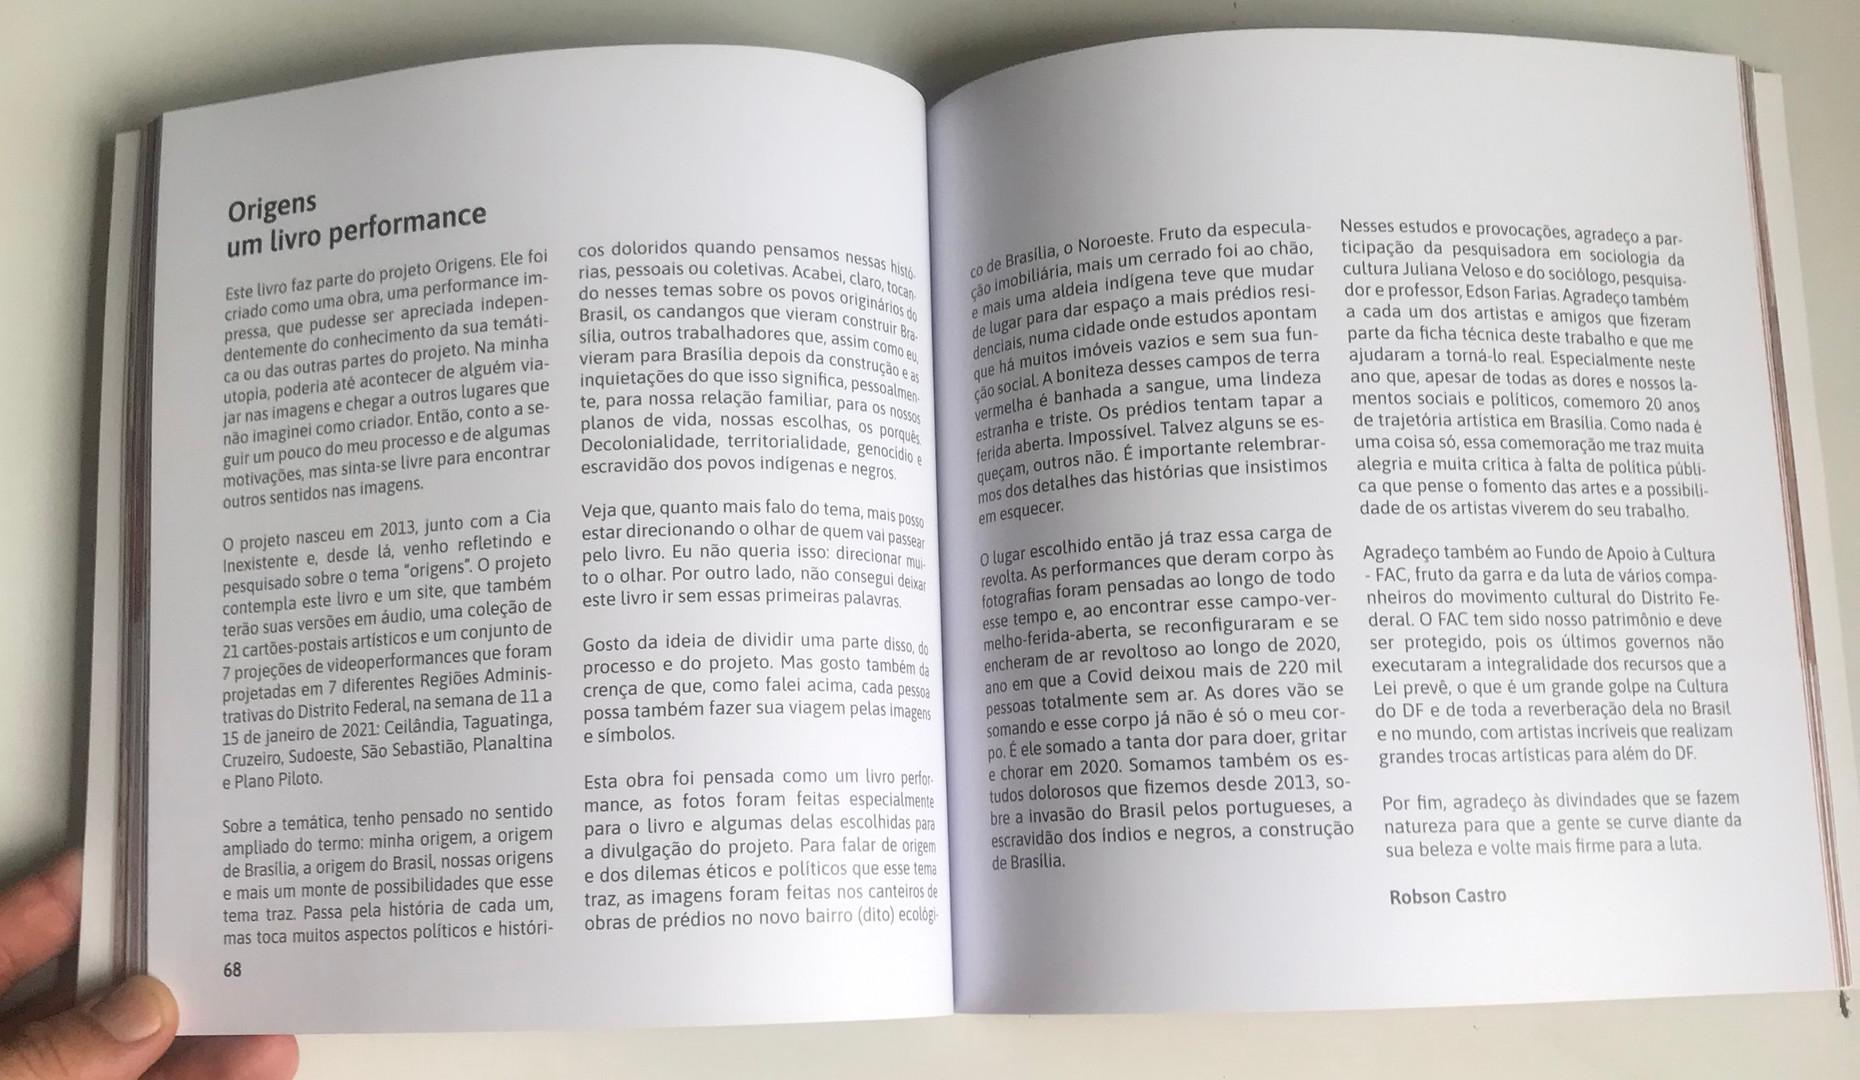 livro origens6.jpg